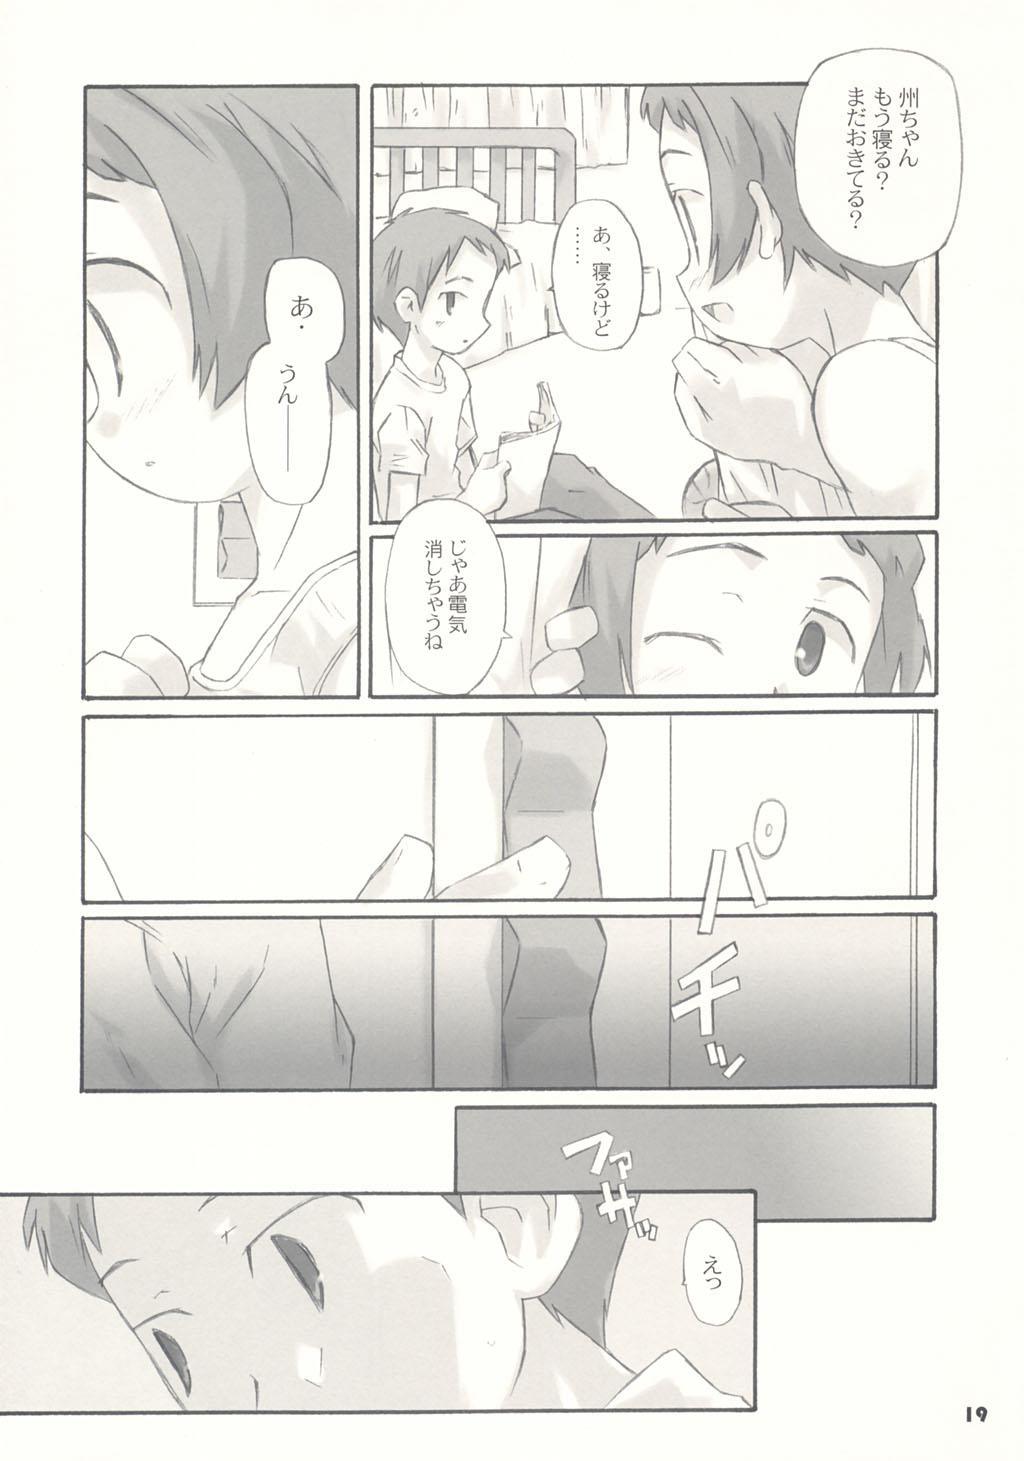 Tonari no Kimi 1-gakki 18